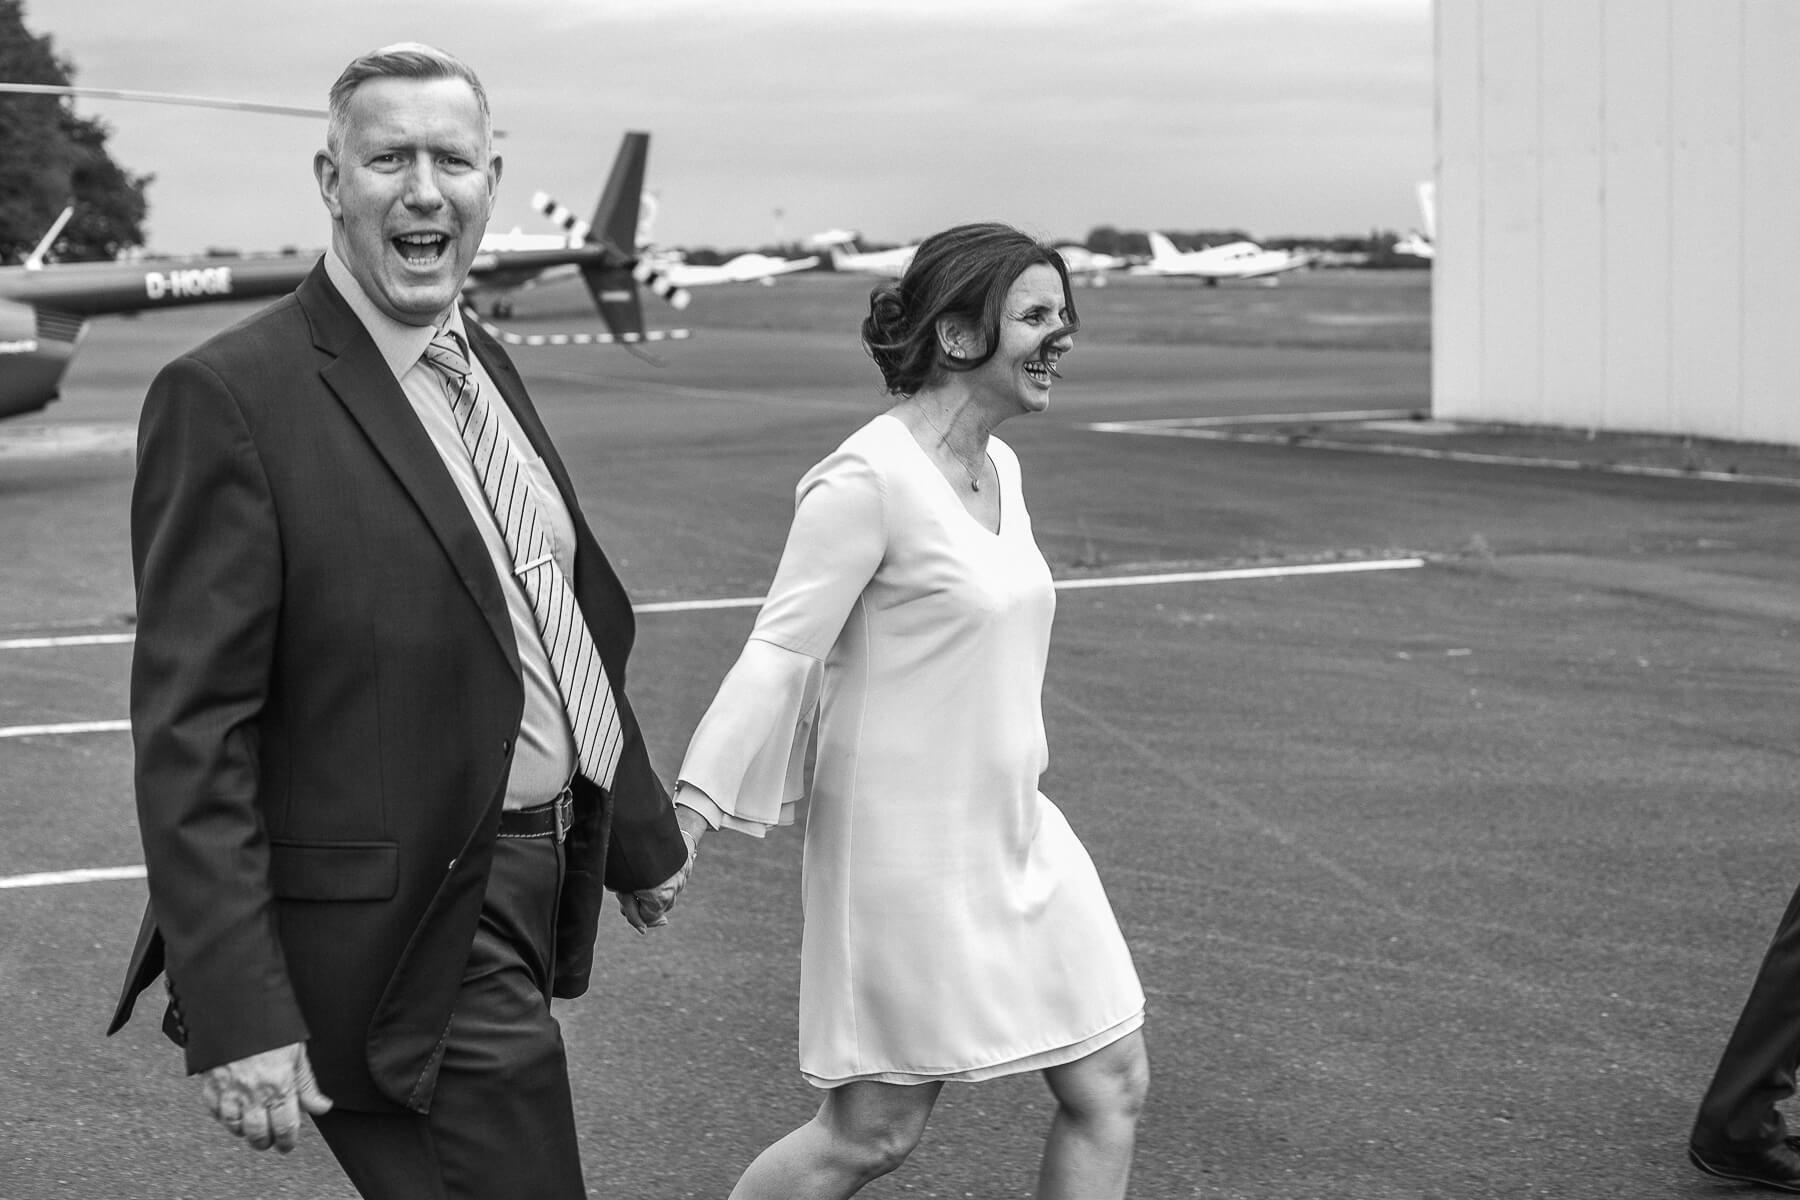 Hochzeitsreportage  Fotograf  Lufthochzeit im Hubschrauber  Hangelar 07